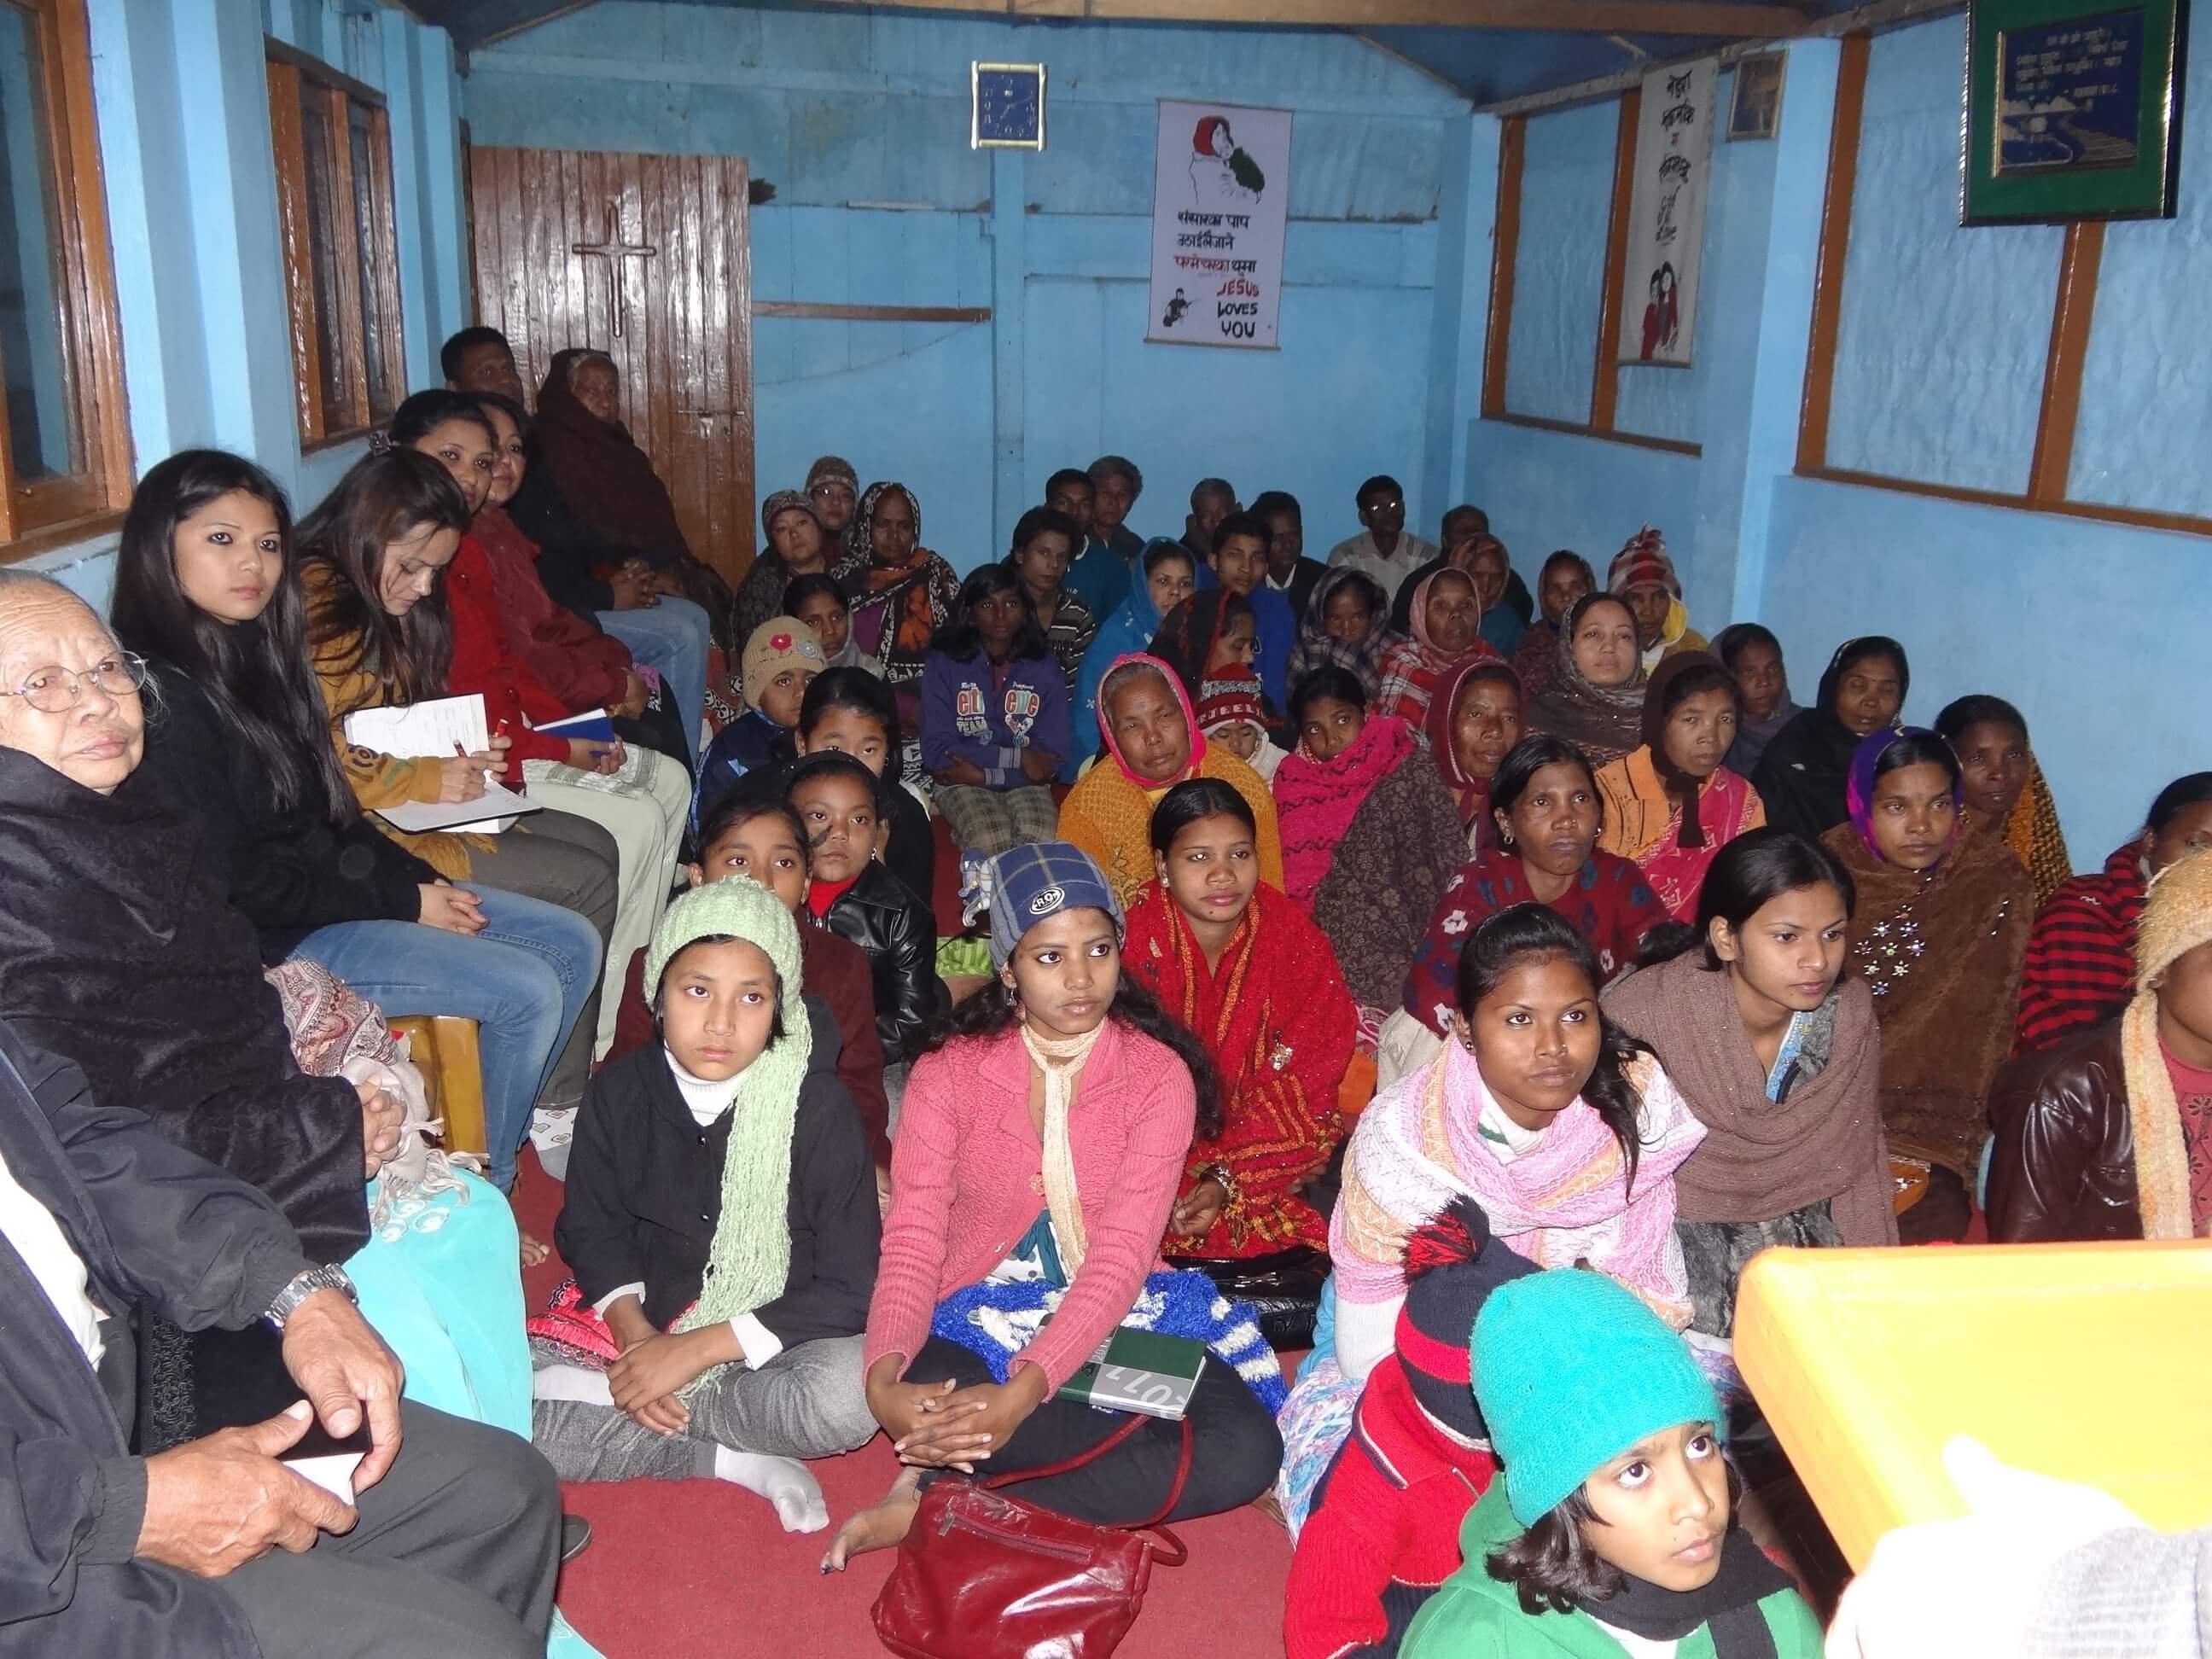 Dans un autre village de plantations de thé, une petite assemblée composée majoritairement de femmes